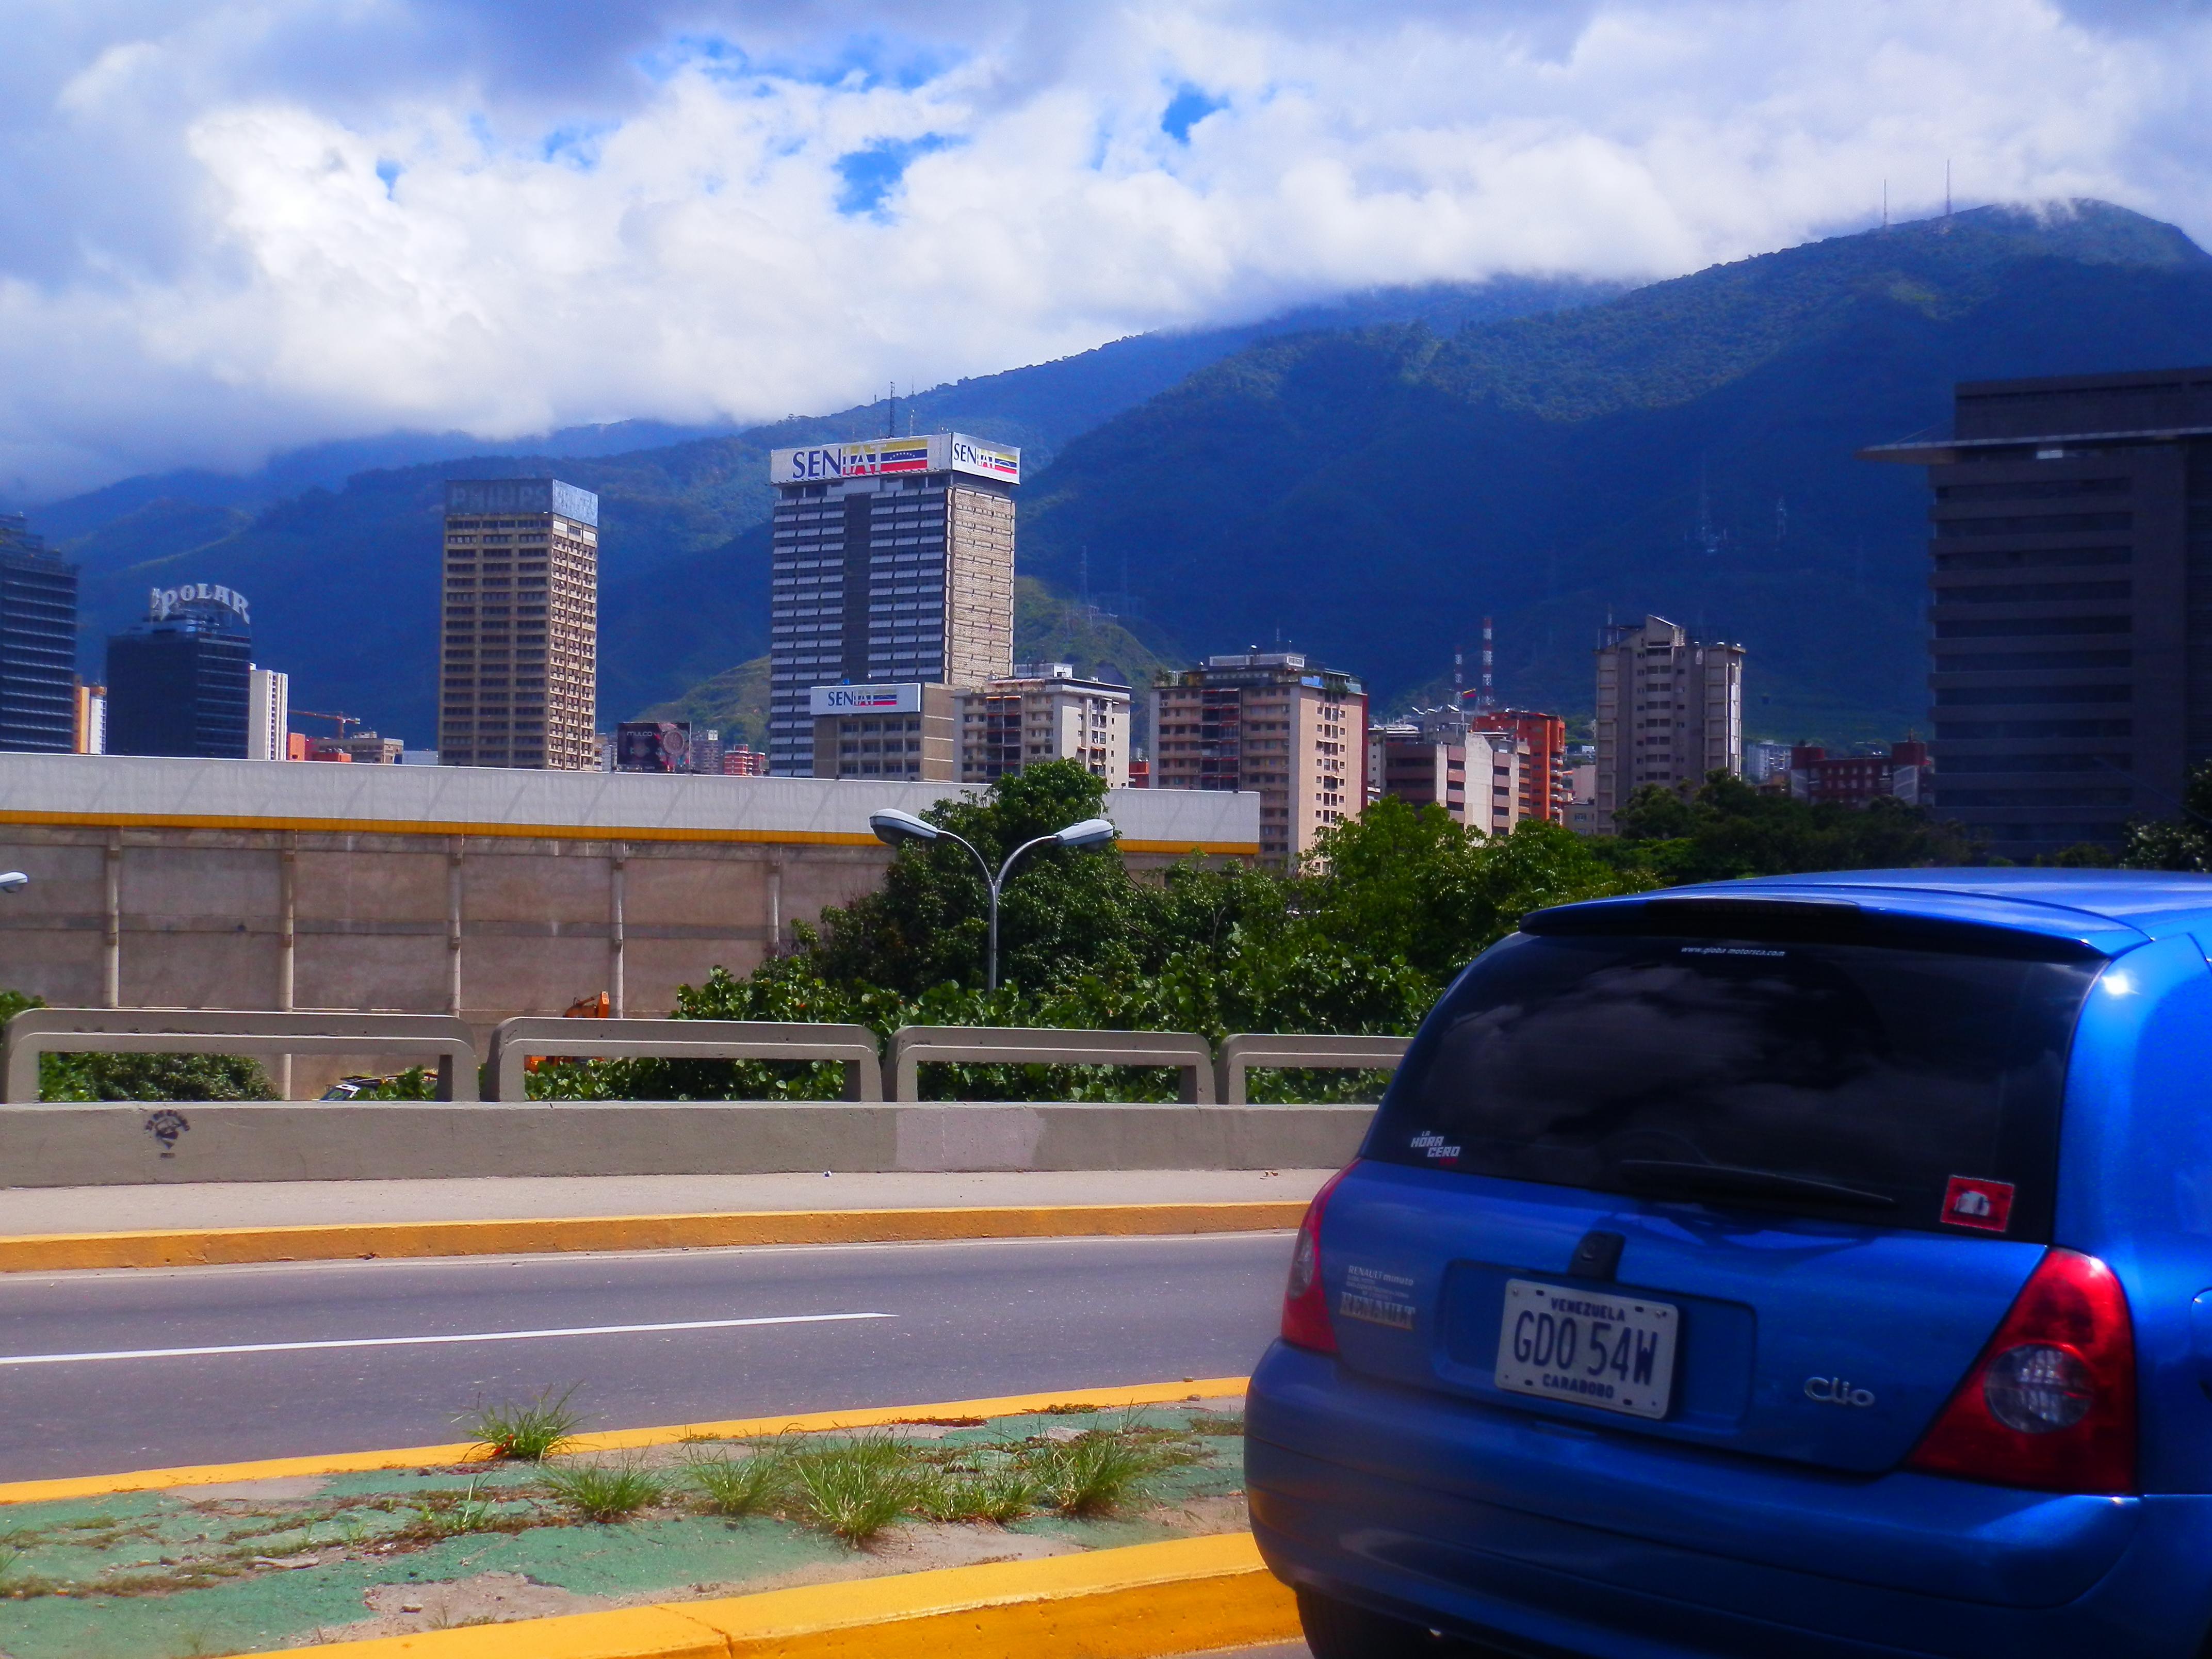 venezuela seniat: